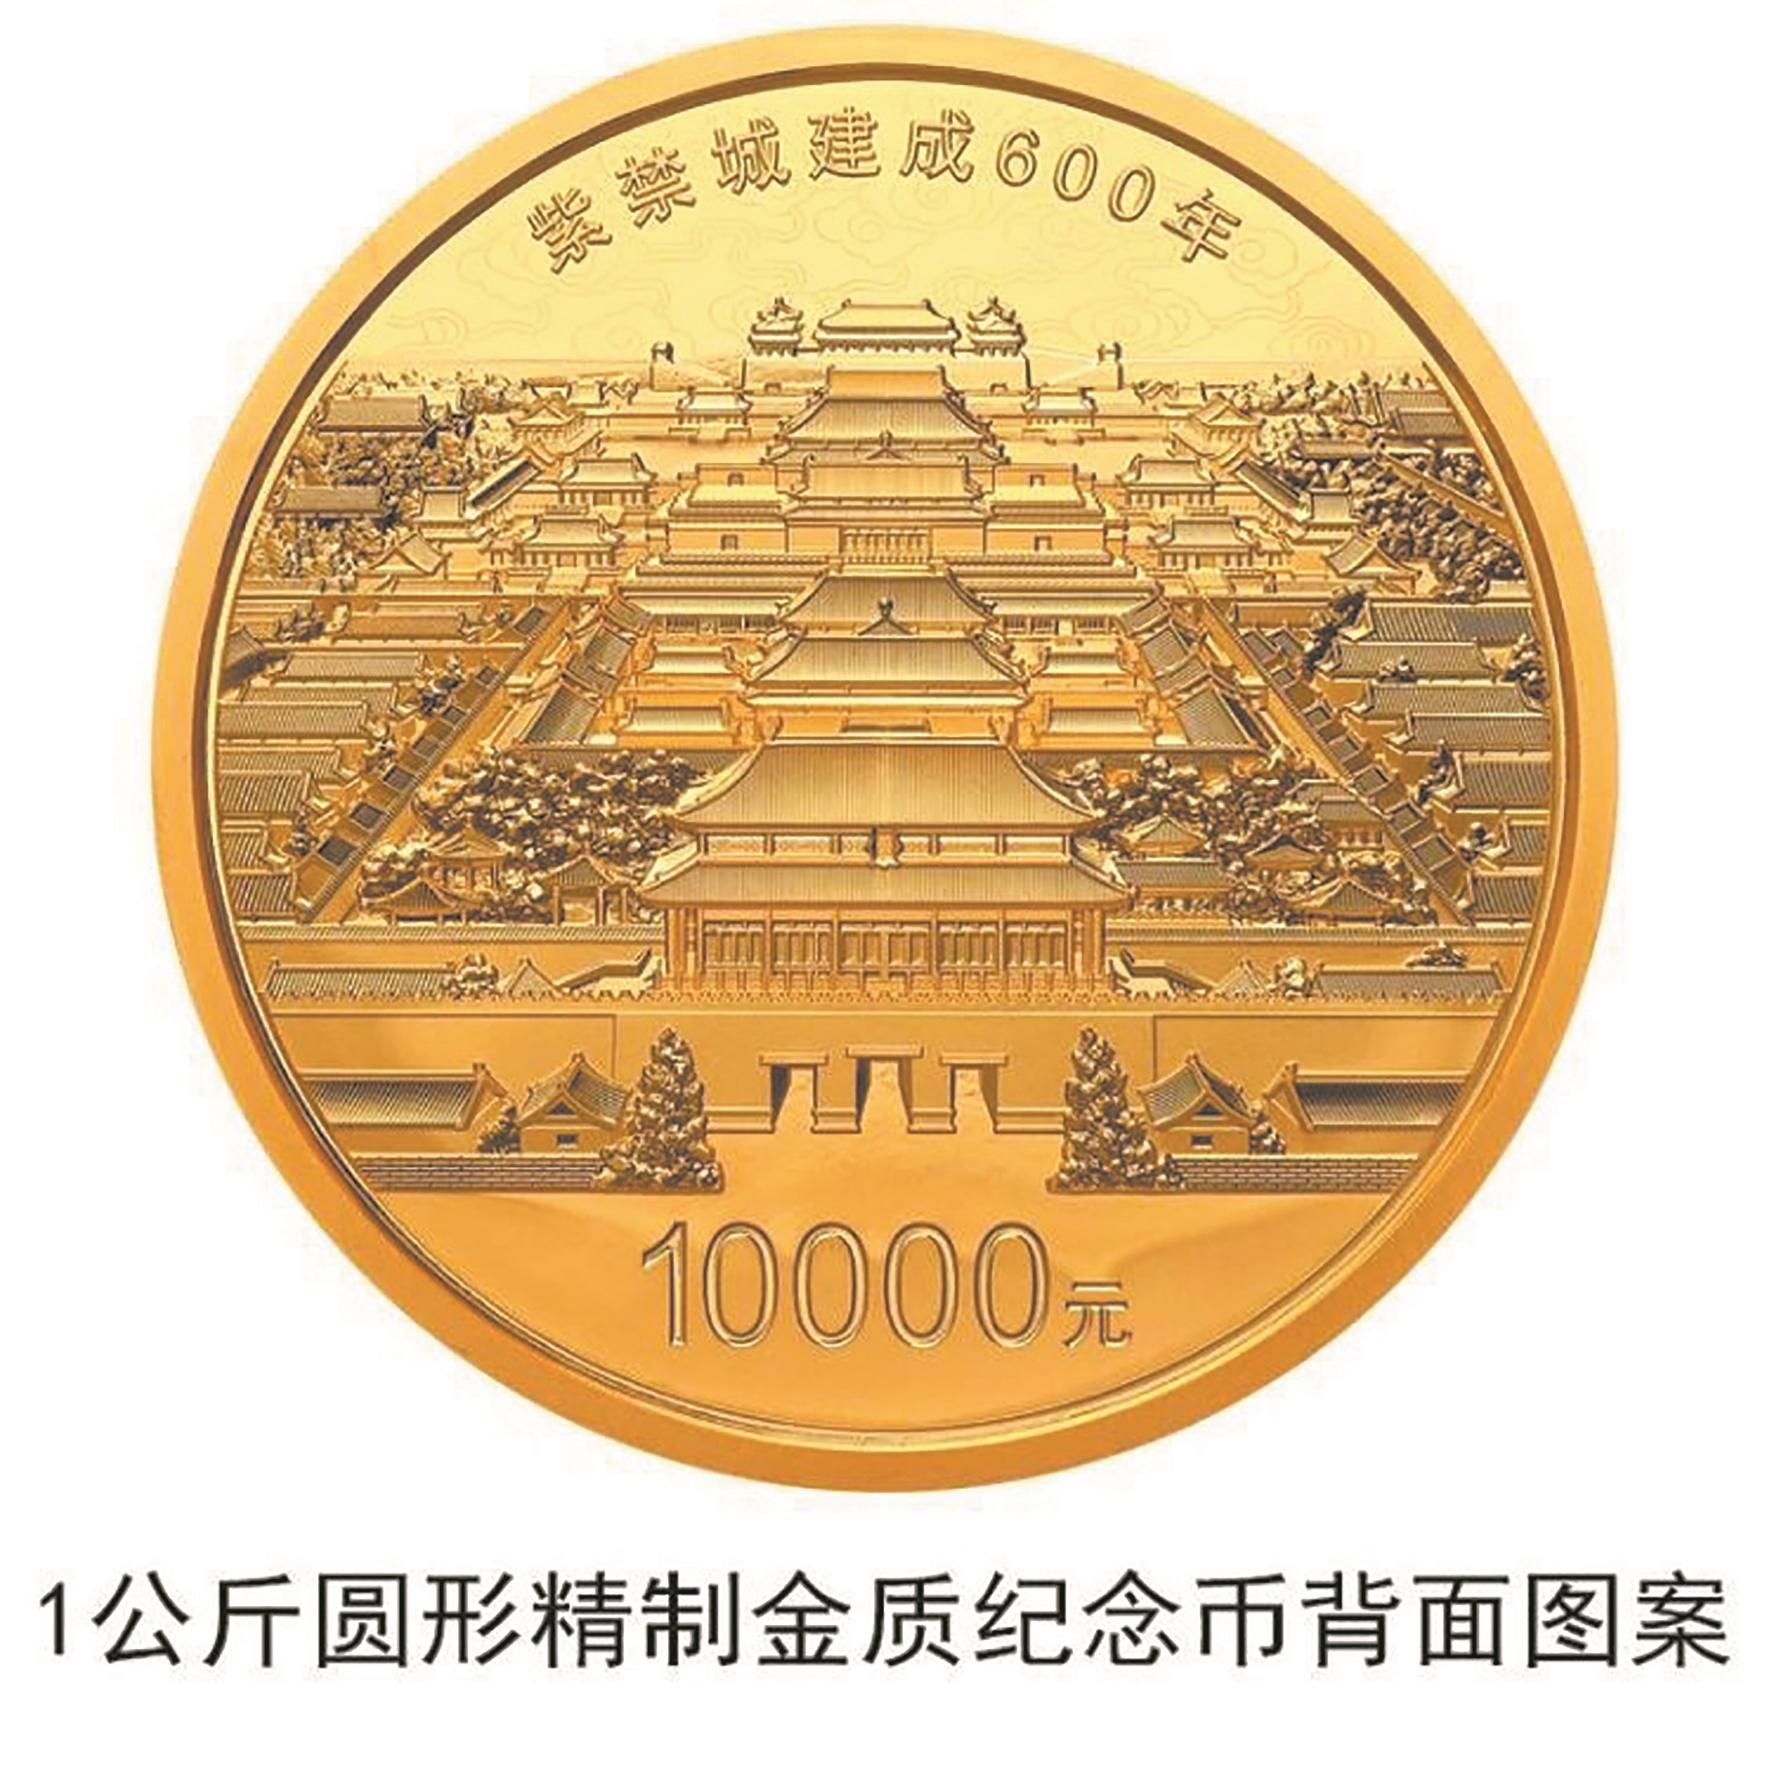 紫禁城1000克金质纪念币来了 5克小银币收藏市场价格上涨近一倍